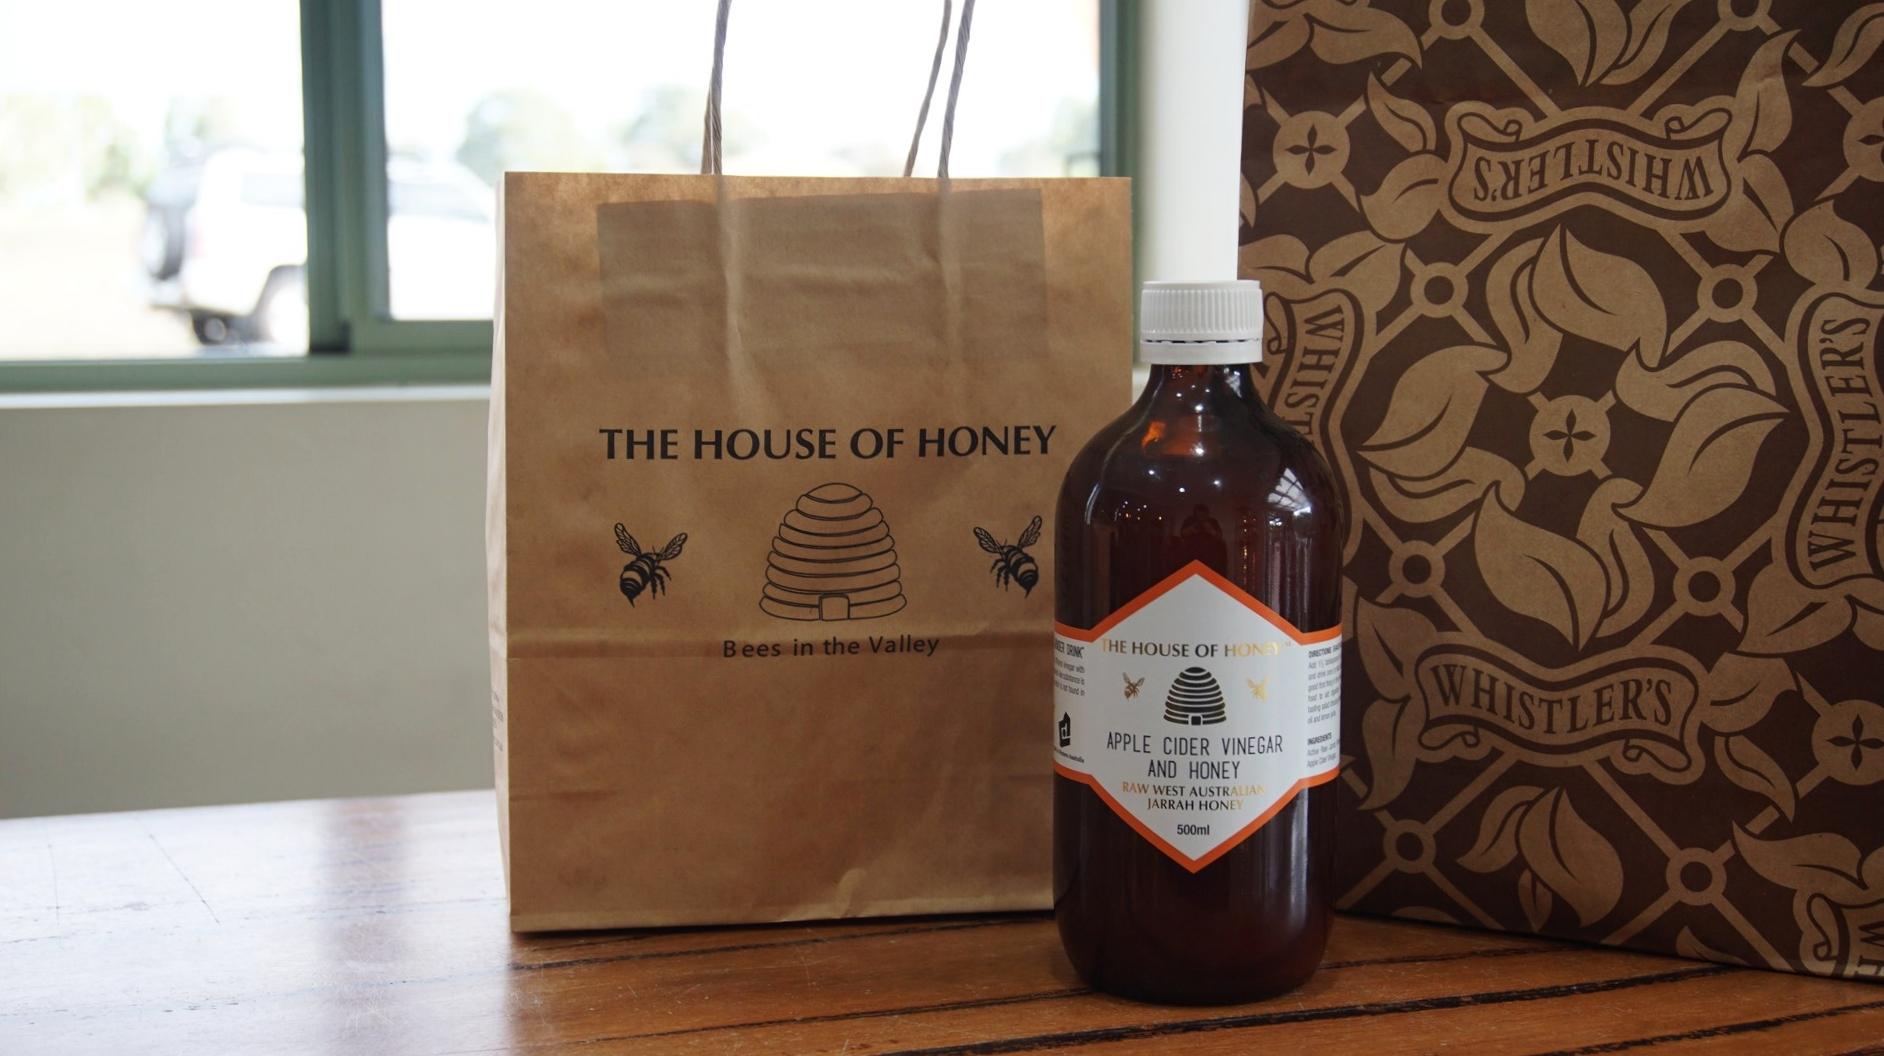 Apple Cider Vinegar House of Honey